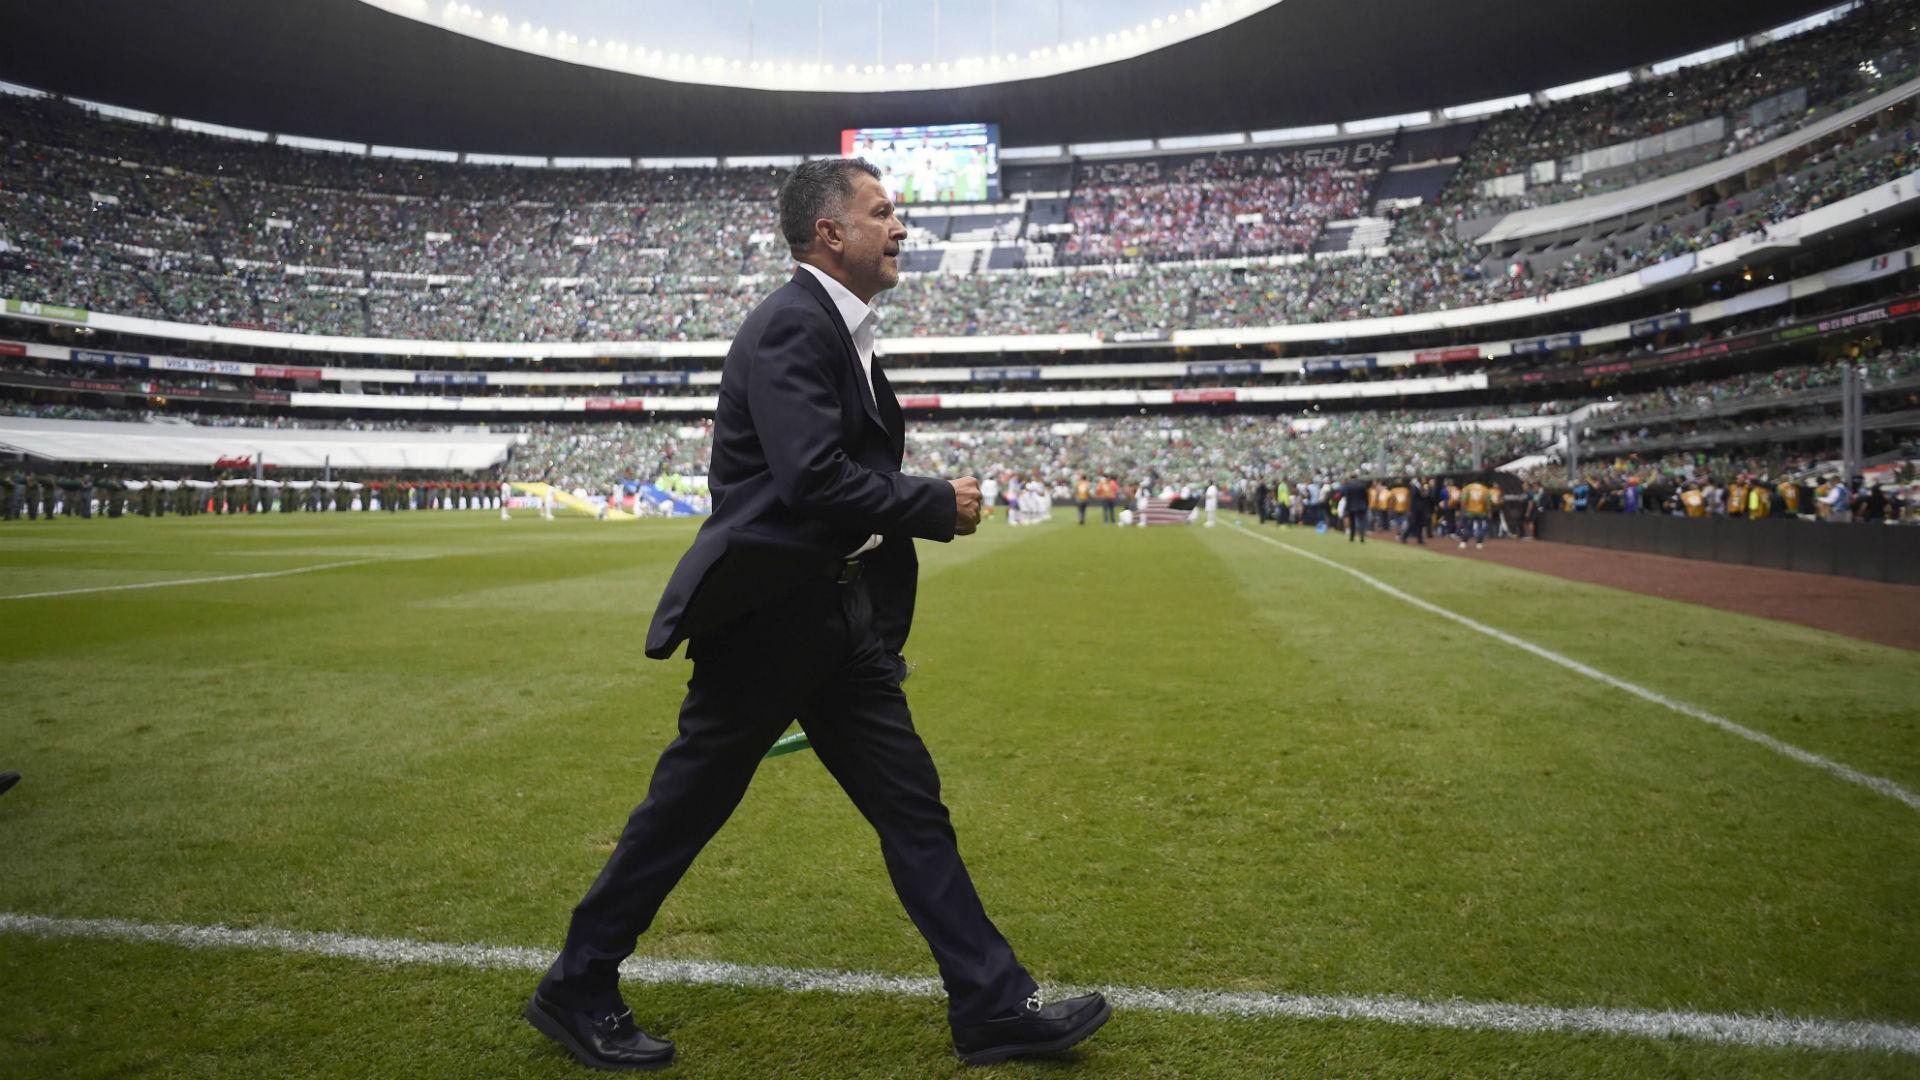 Portero de Portugal, Rui Patrício, espera un duelo complicado con México